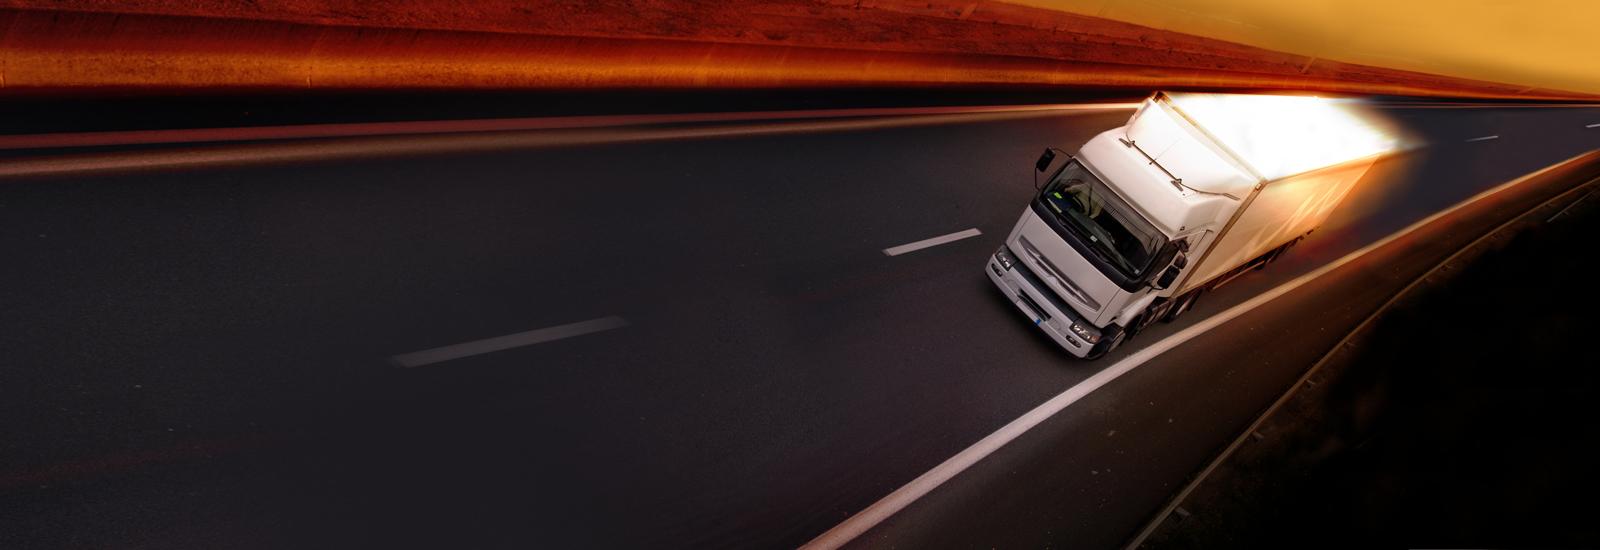 OPP-098_desktop-headers-1600×550-truck